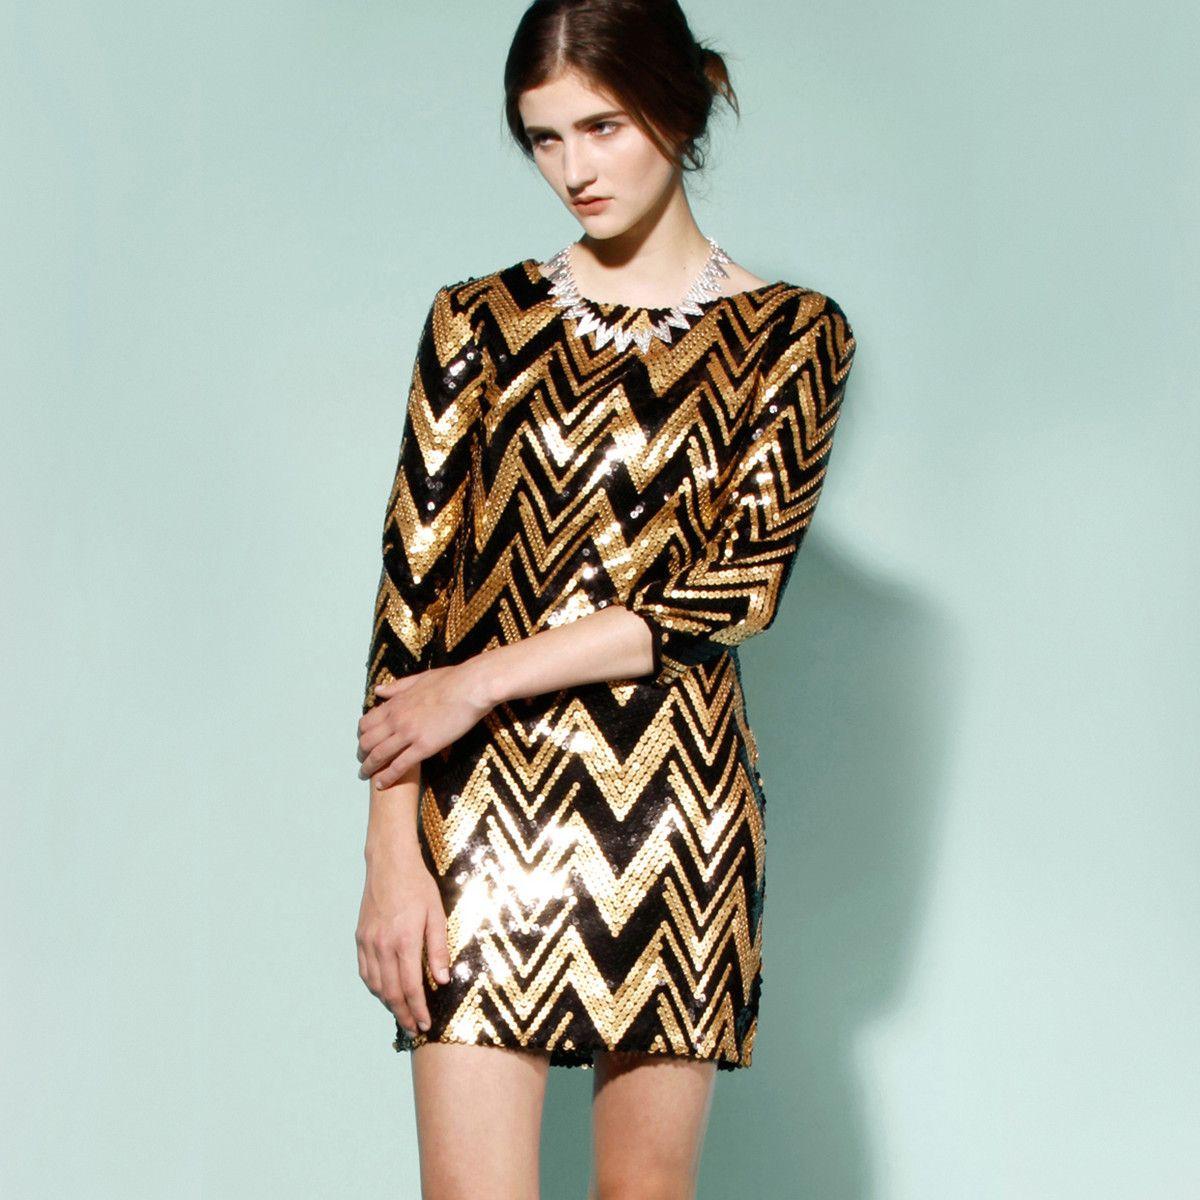 Zig Zag Sequin Dress in Black and Gold | Get Fancy | Pinterest | Zig ...